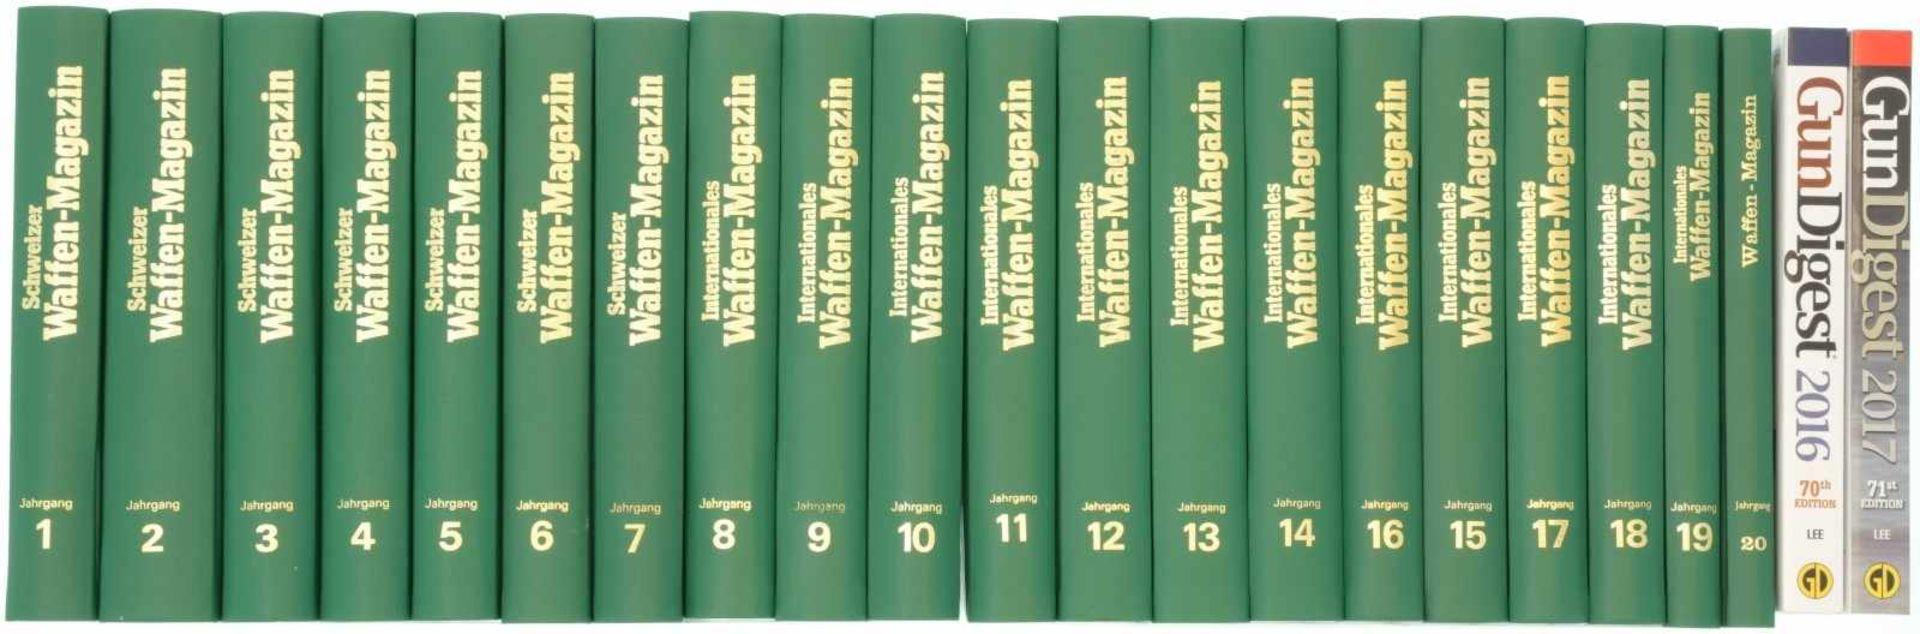 Konvolut von 20 gebundenen Waffen-Magazin-Jahrbüchern<